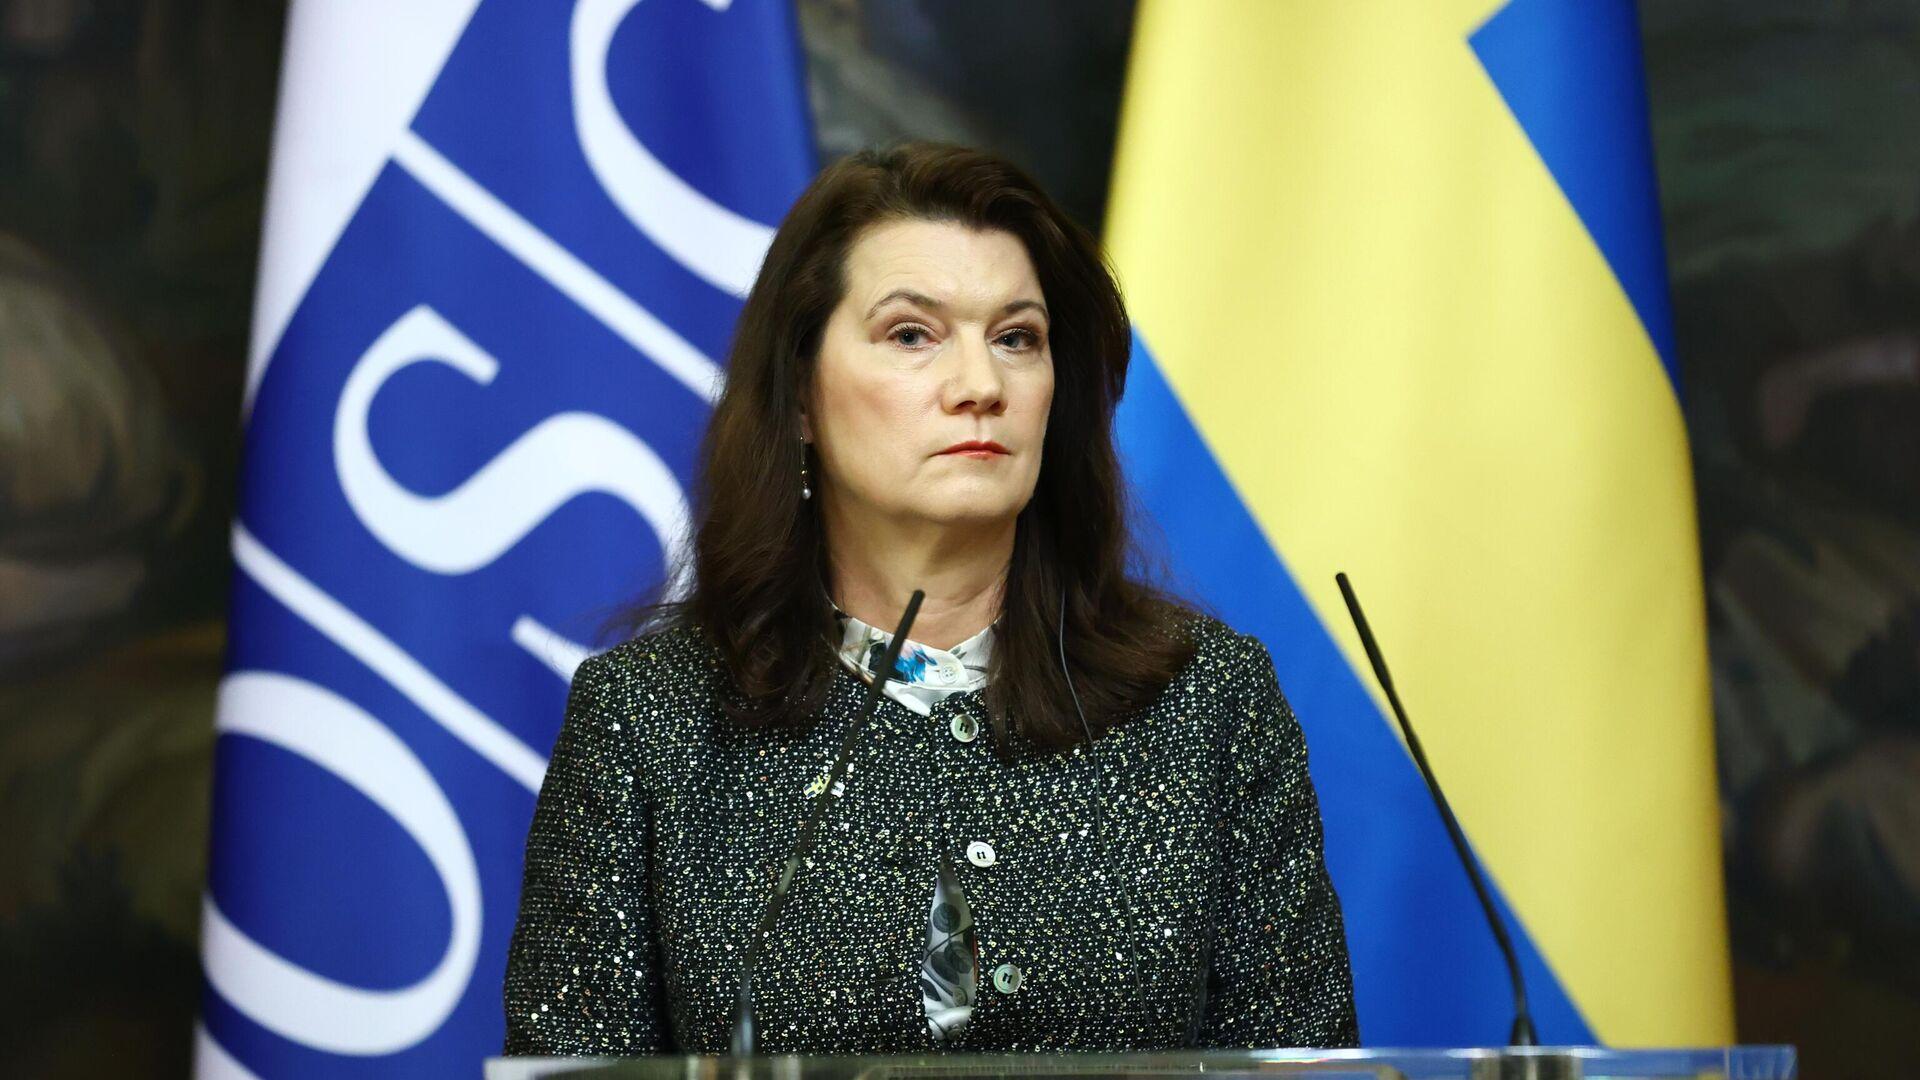 Министр иностранных дел Швеции Анн Линде на пресс-конференции по итогам встречи с Сергеем Лавровым в Москве - РИА Новости, 1920, 29.07.2021